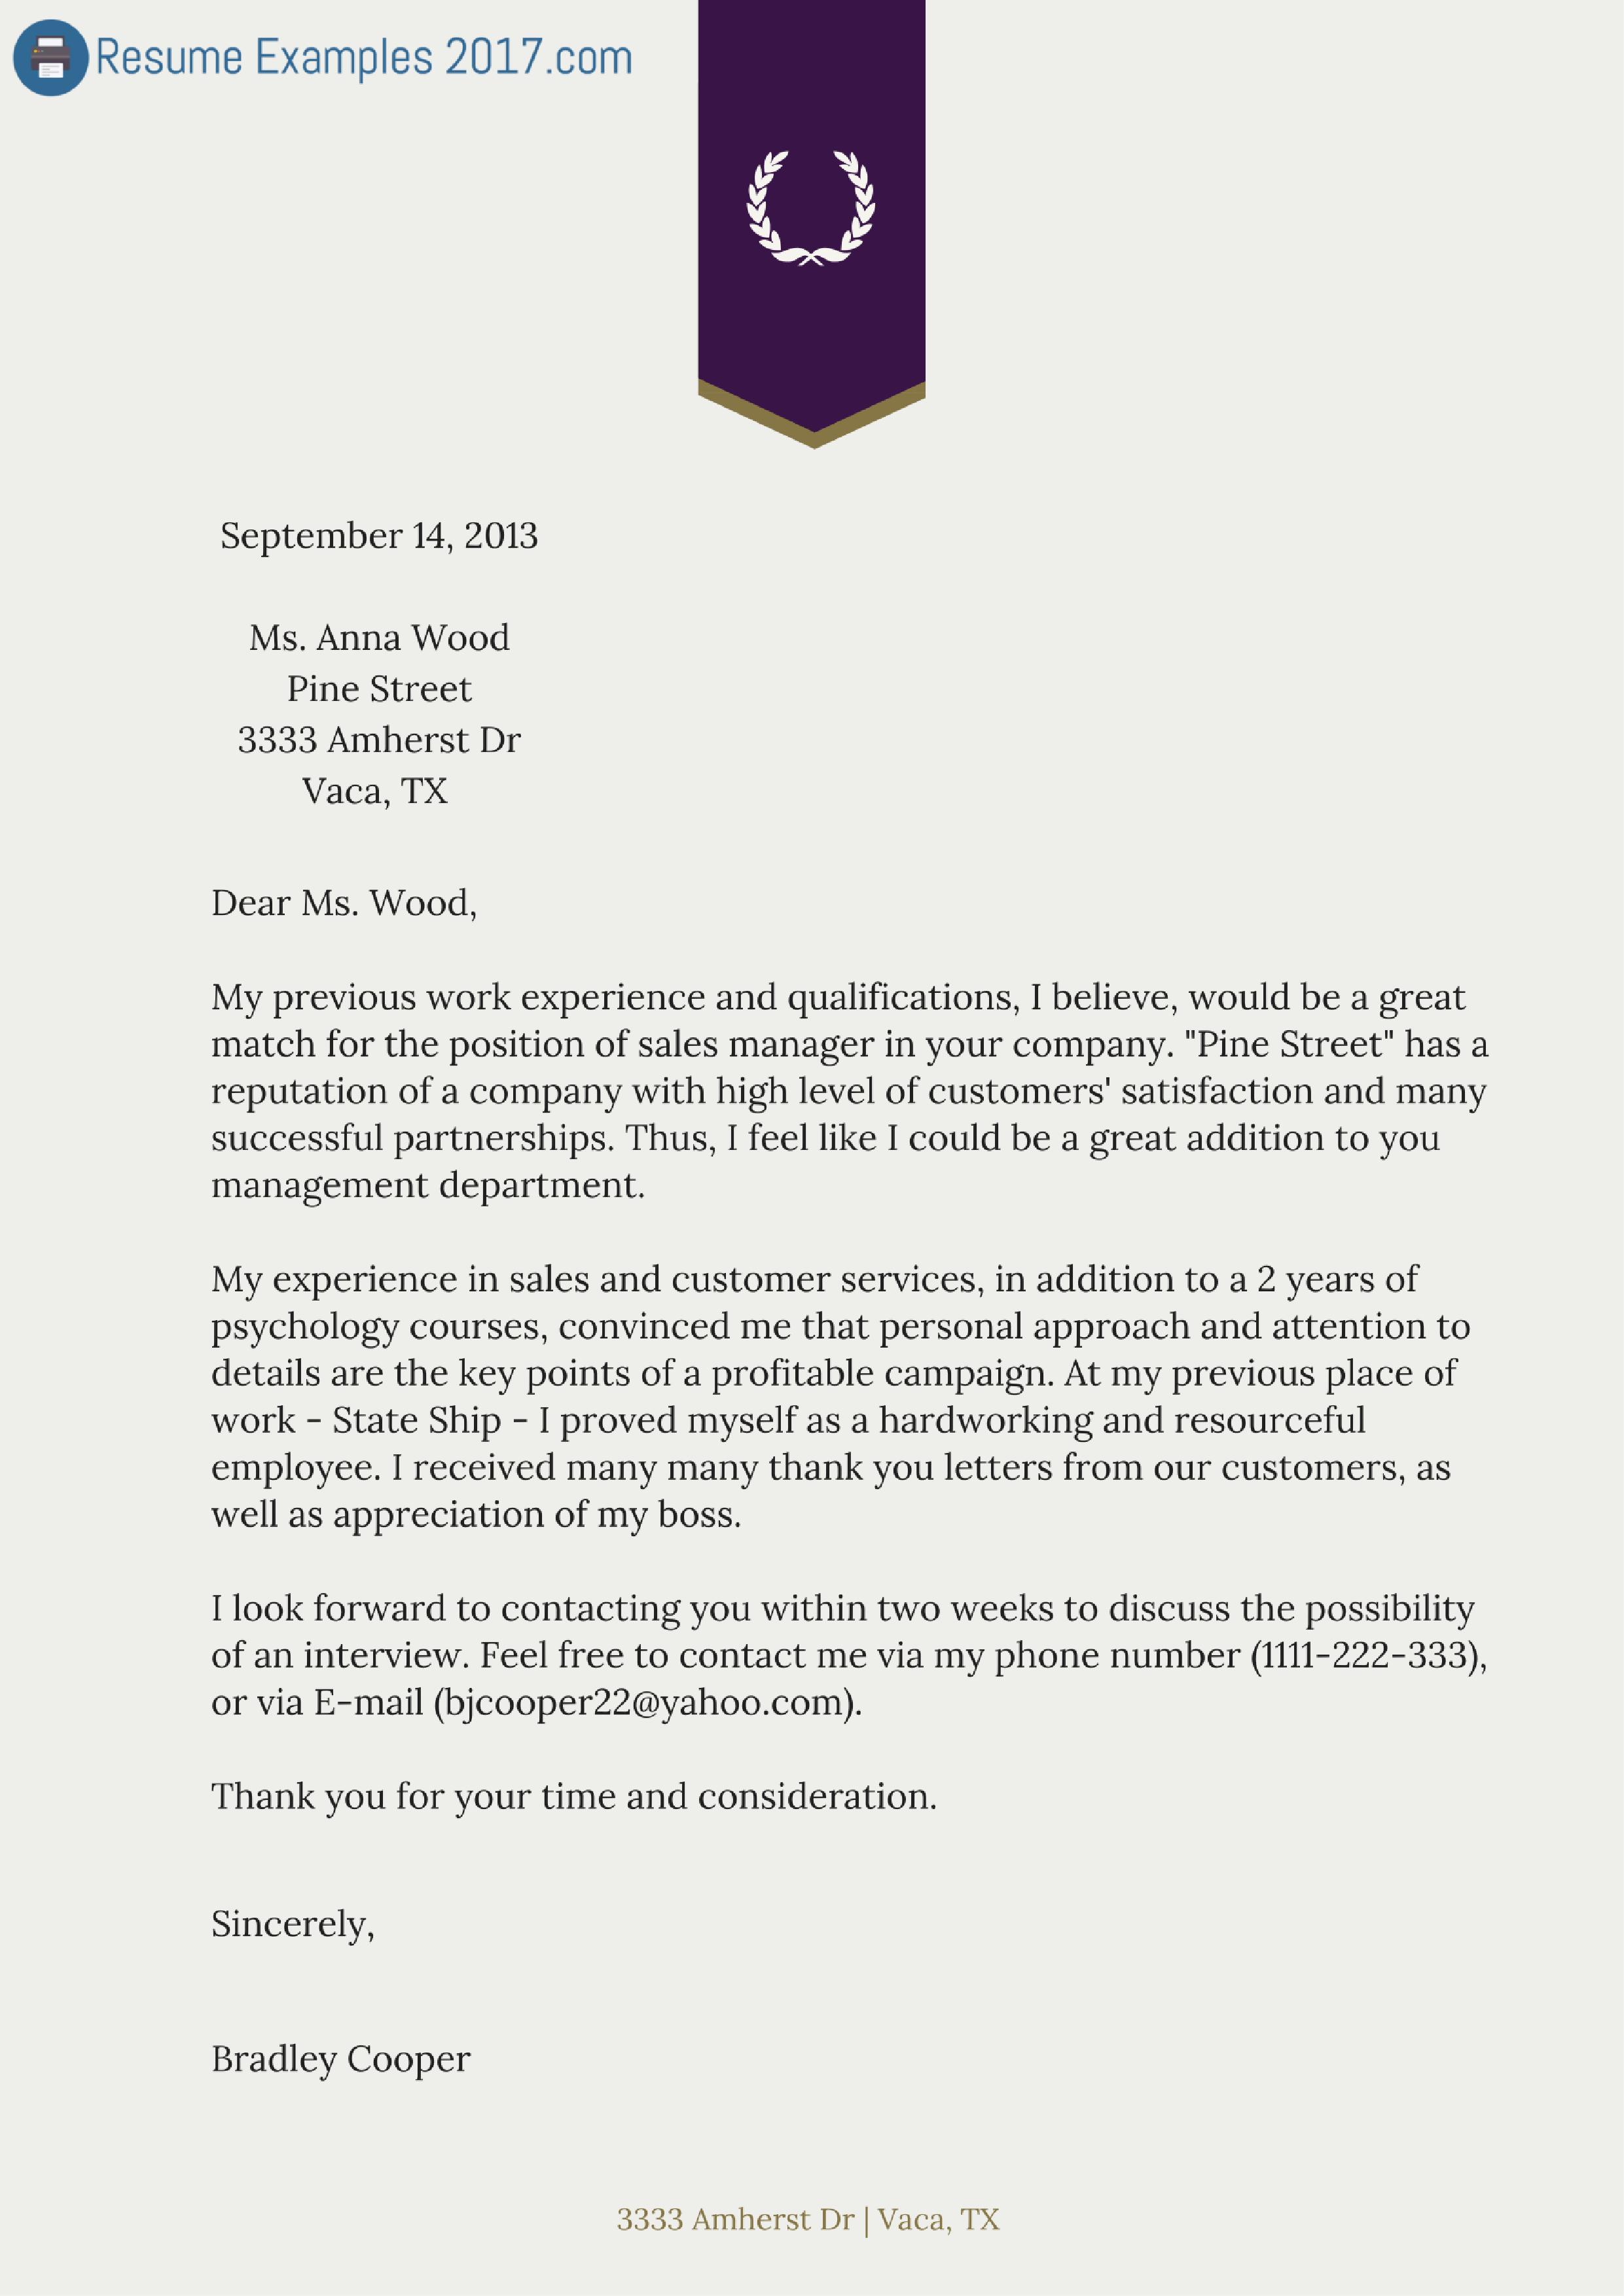 Resume and Cover Letter formats Elegant Download Cover Letter Samples